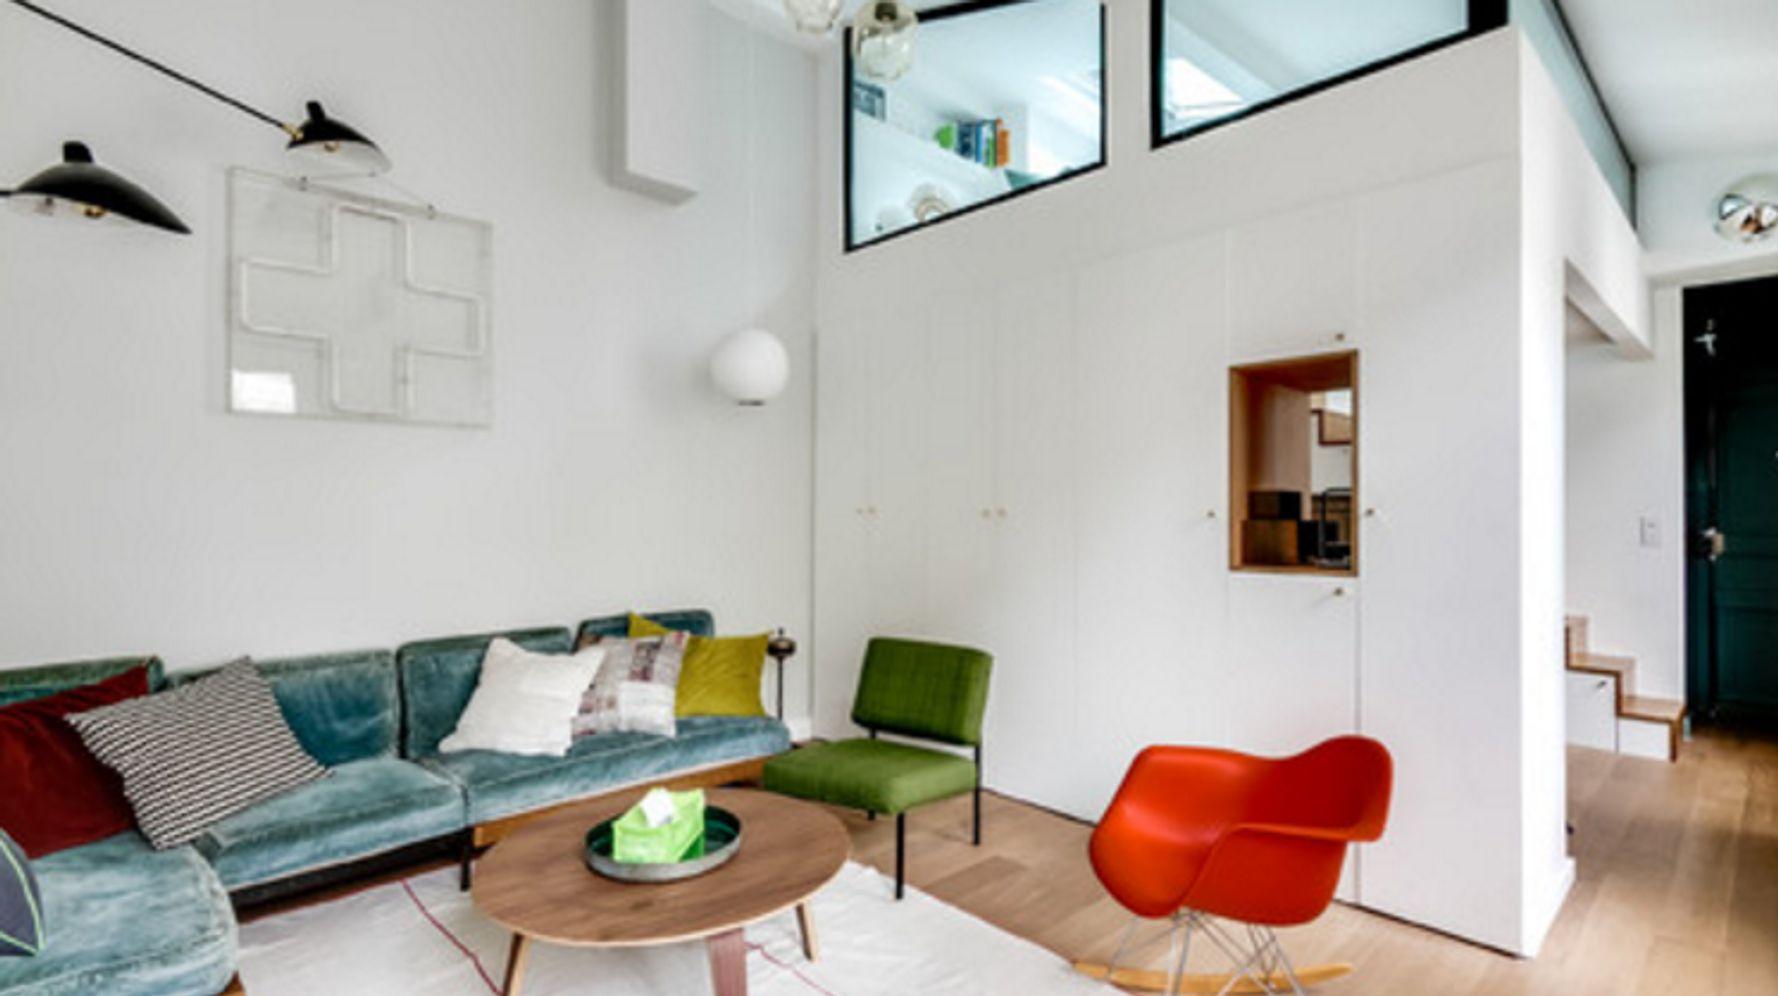 Architecte Interieur Paris Petite Surface cette architecte d'intérieur a métamorphosé cet appartement